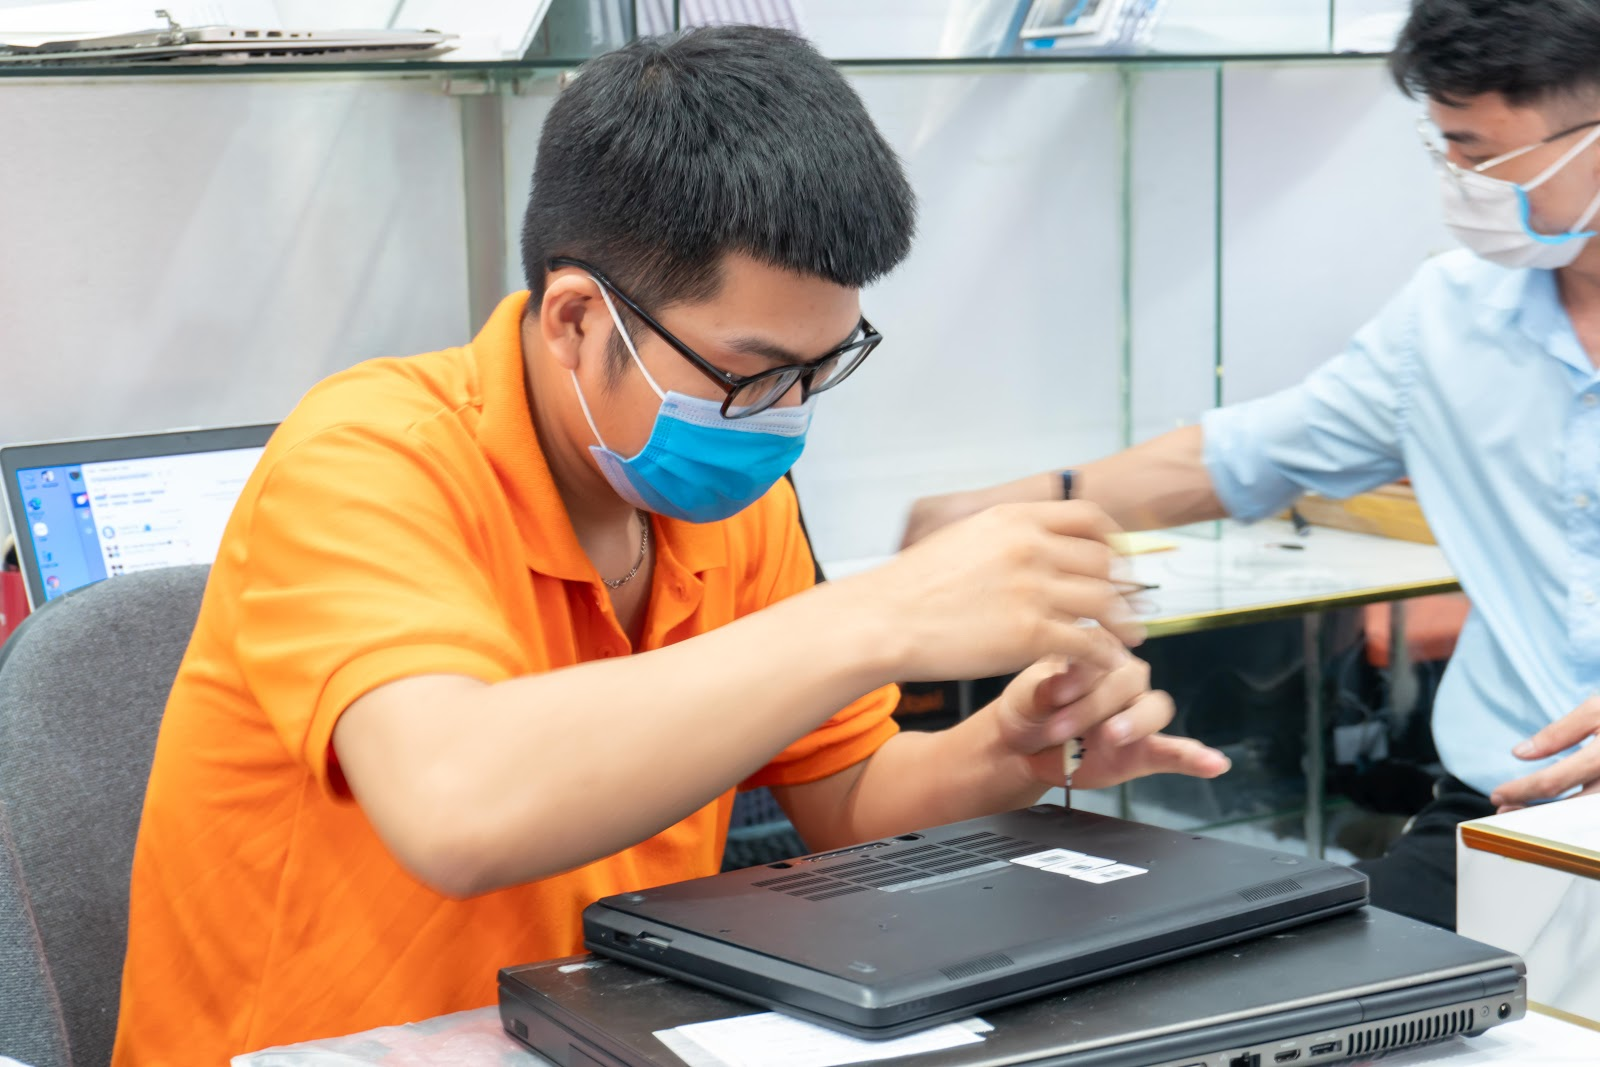 Sửa laptop HCM chất lượng, uy tín nhất